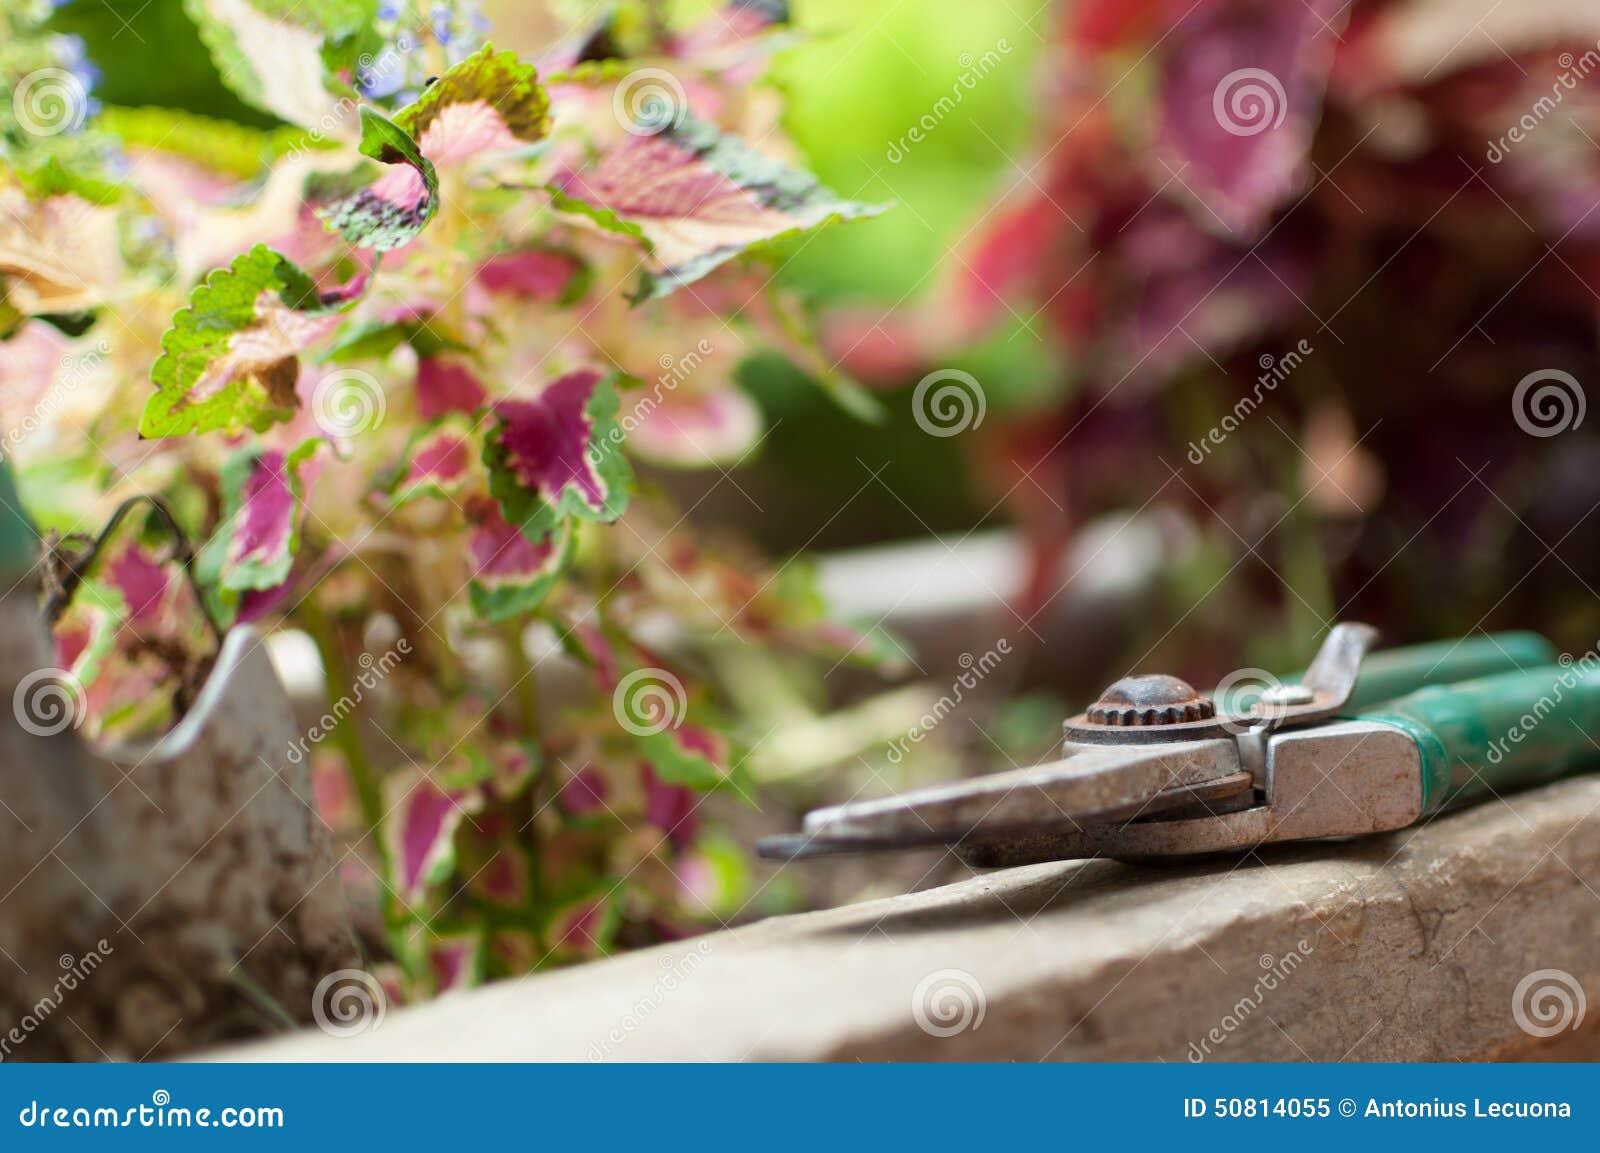 Ciseaux de jardin sur potplant